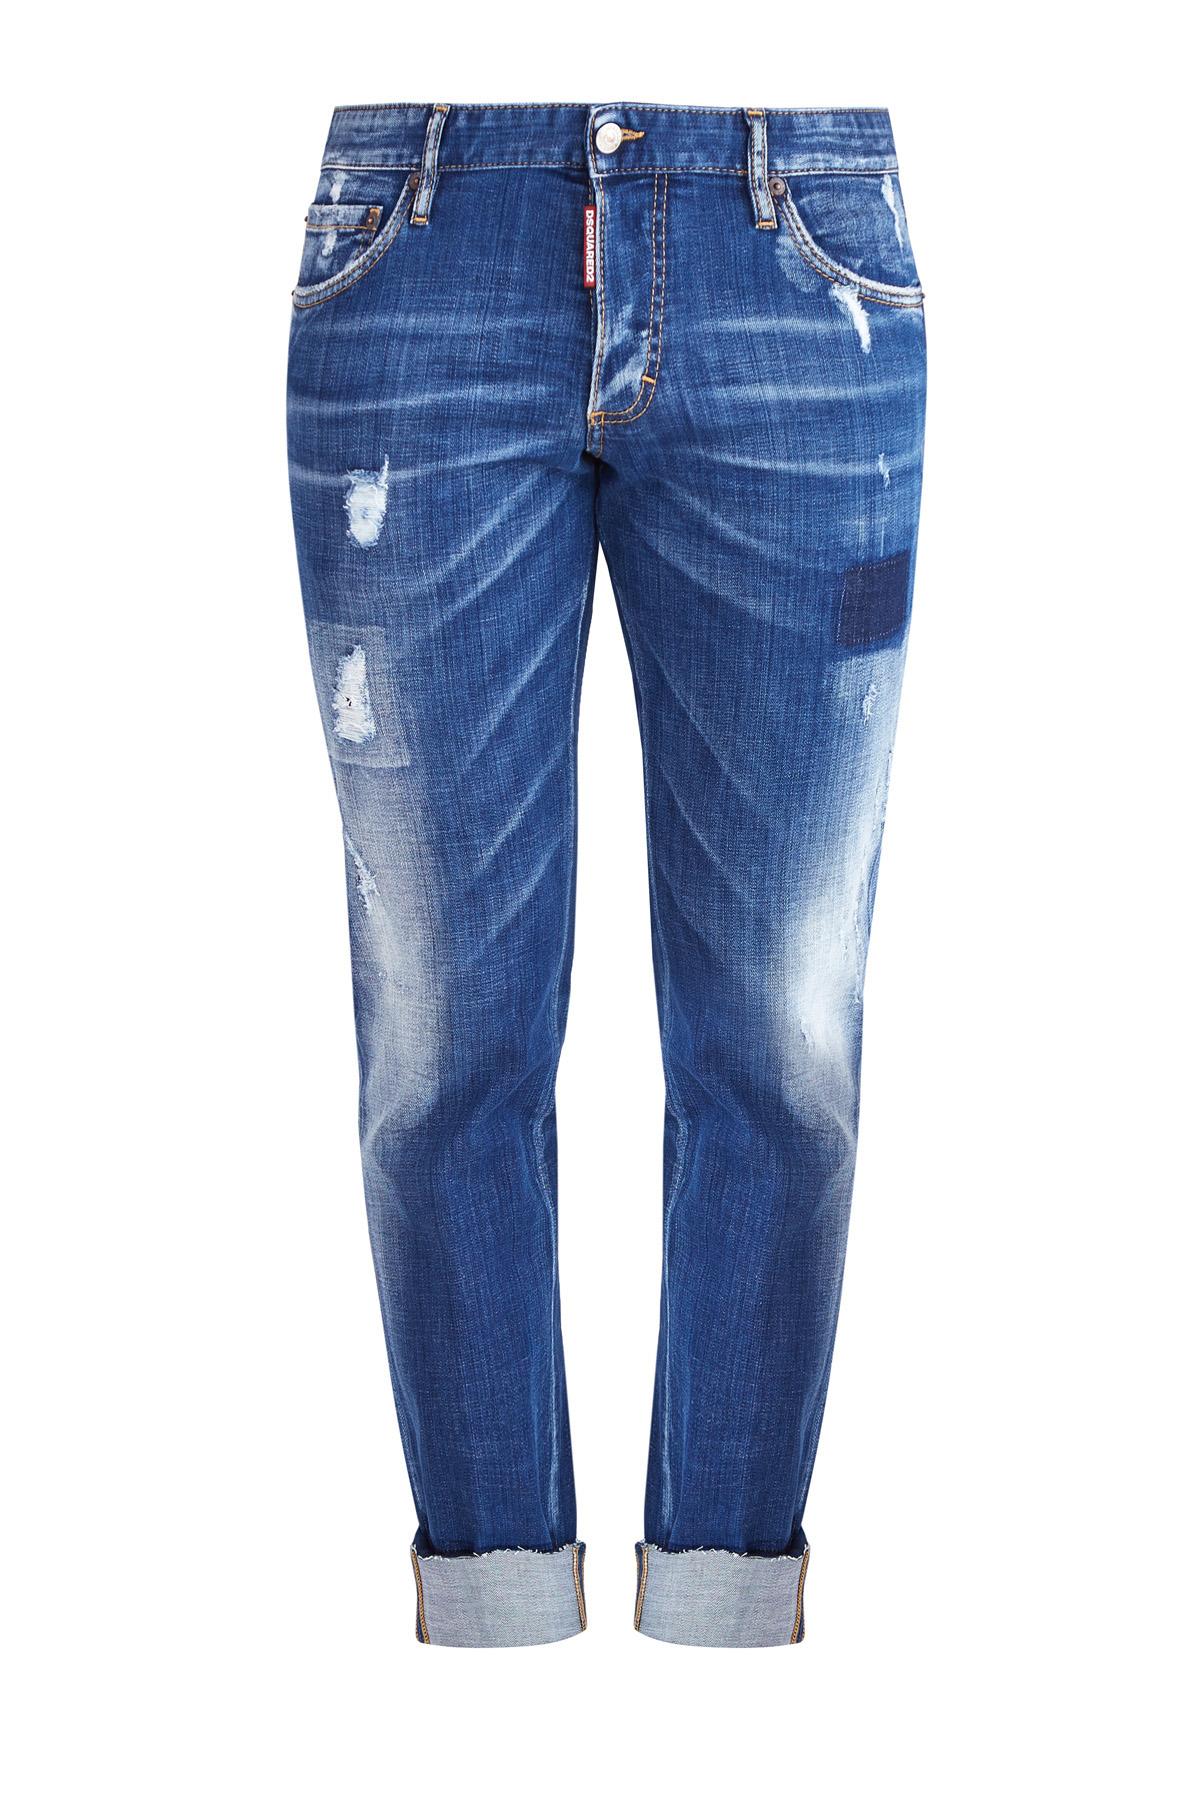 джинсыДжинсы<br><br>Материал: хлопок 98% ,  эластан 2%;